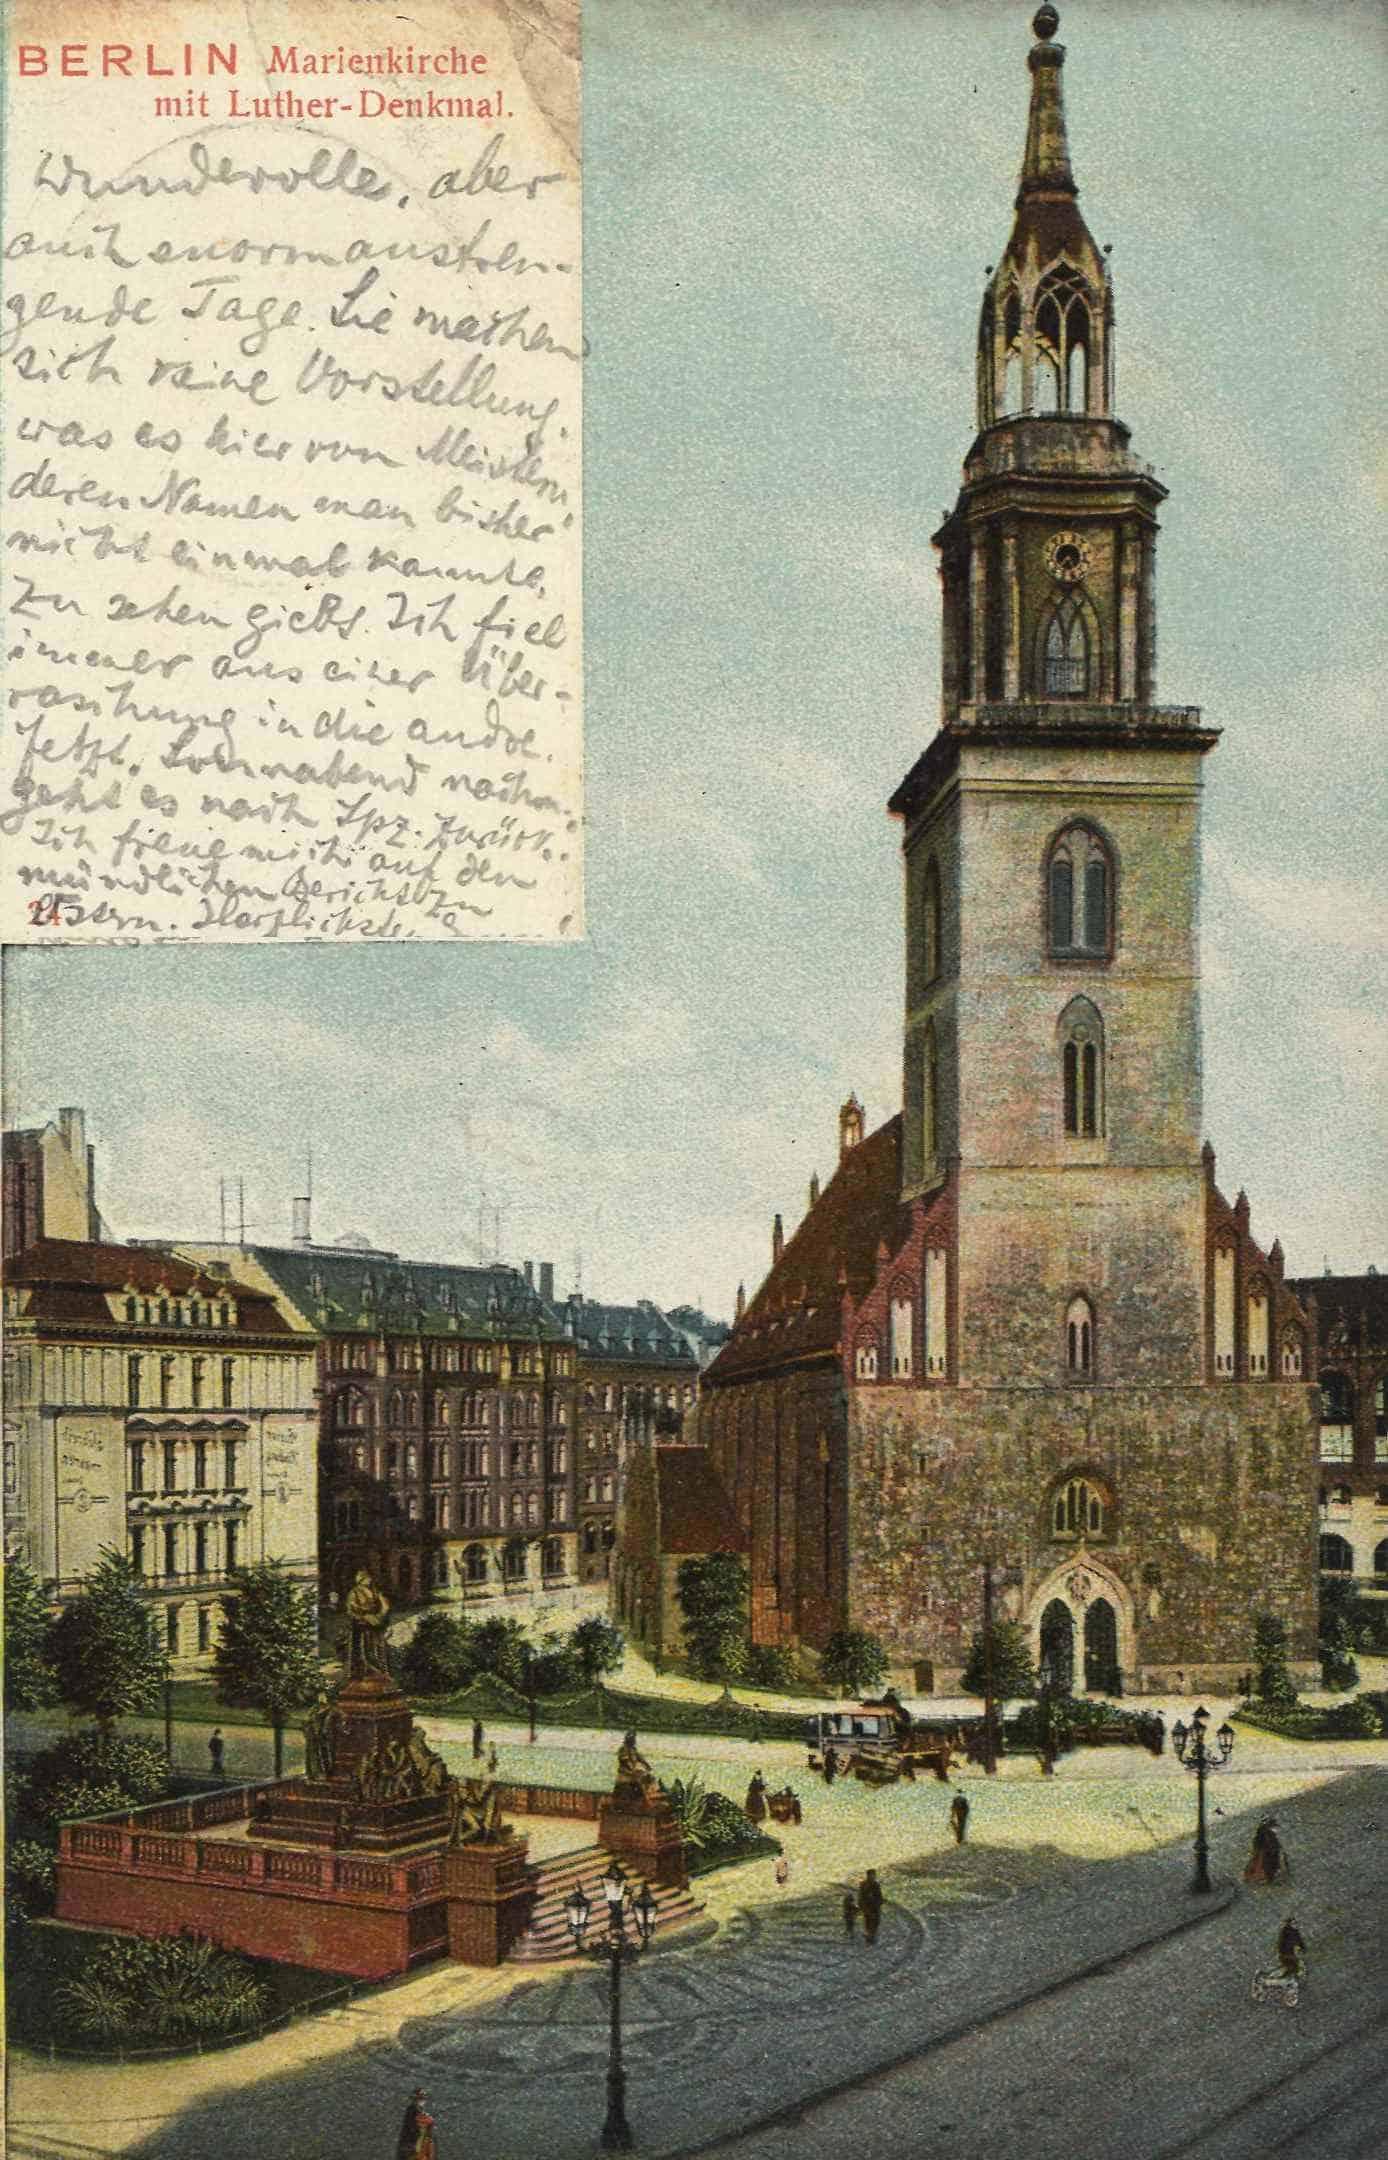 Открытка 1906 года с изображением Мариенкирхе